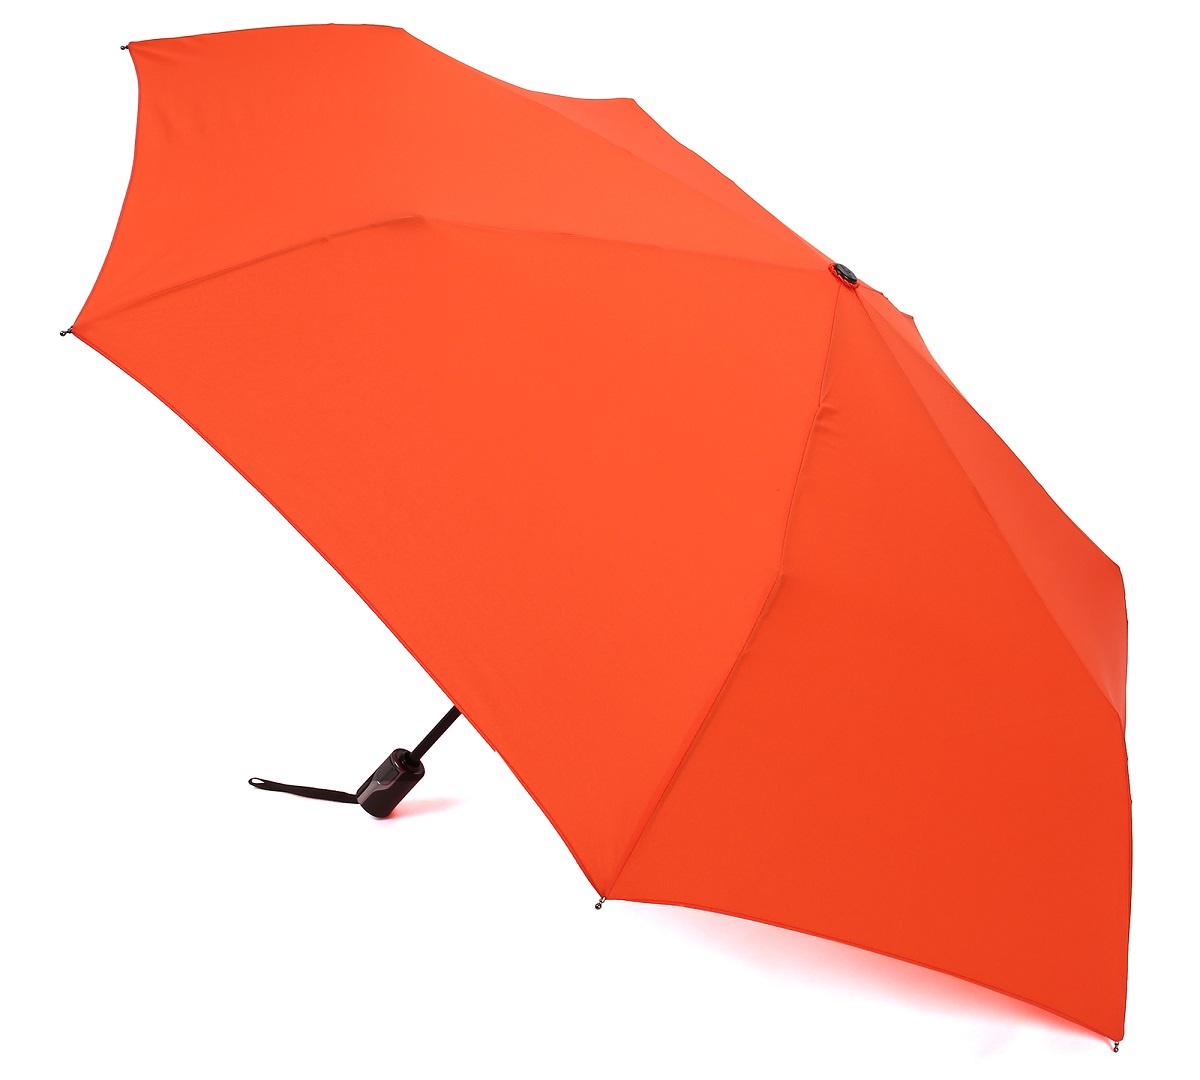 Зонт Три слона 365-D, оранжевый